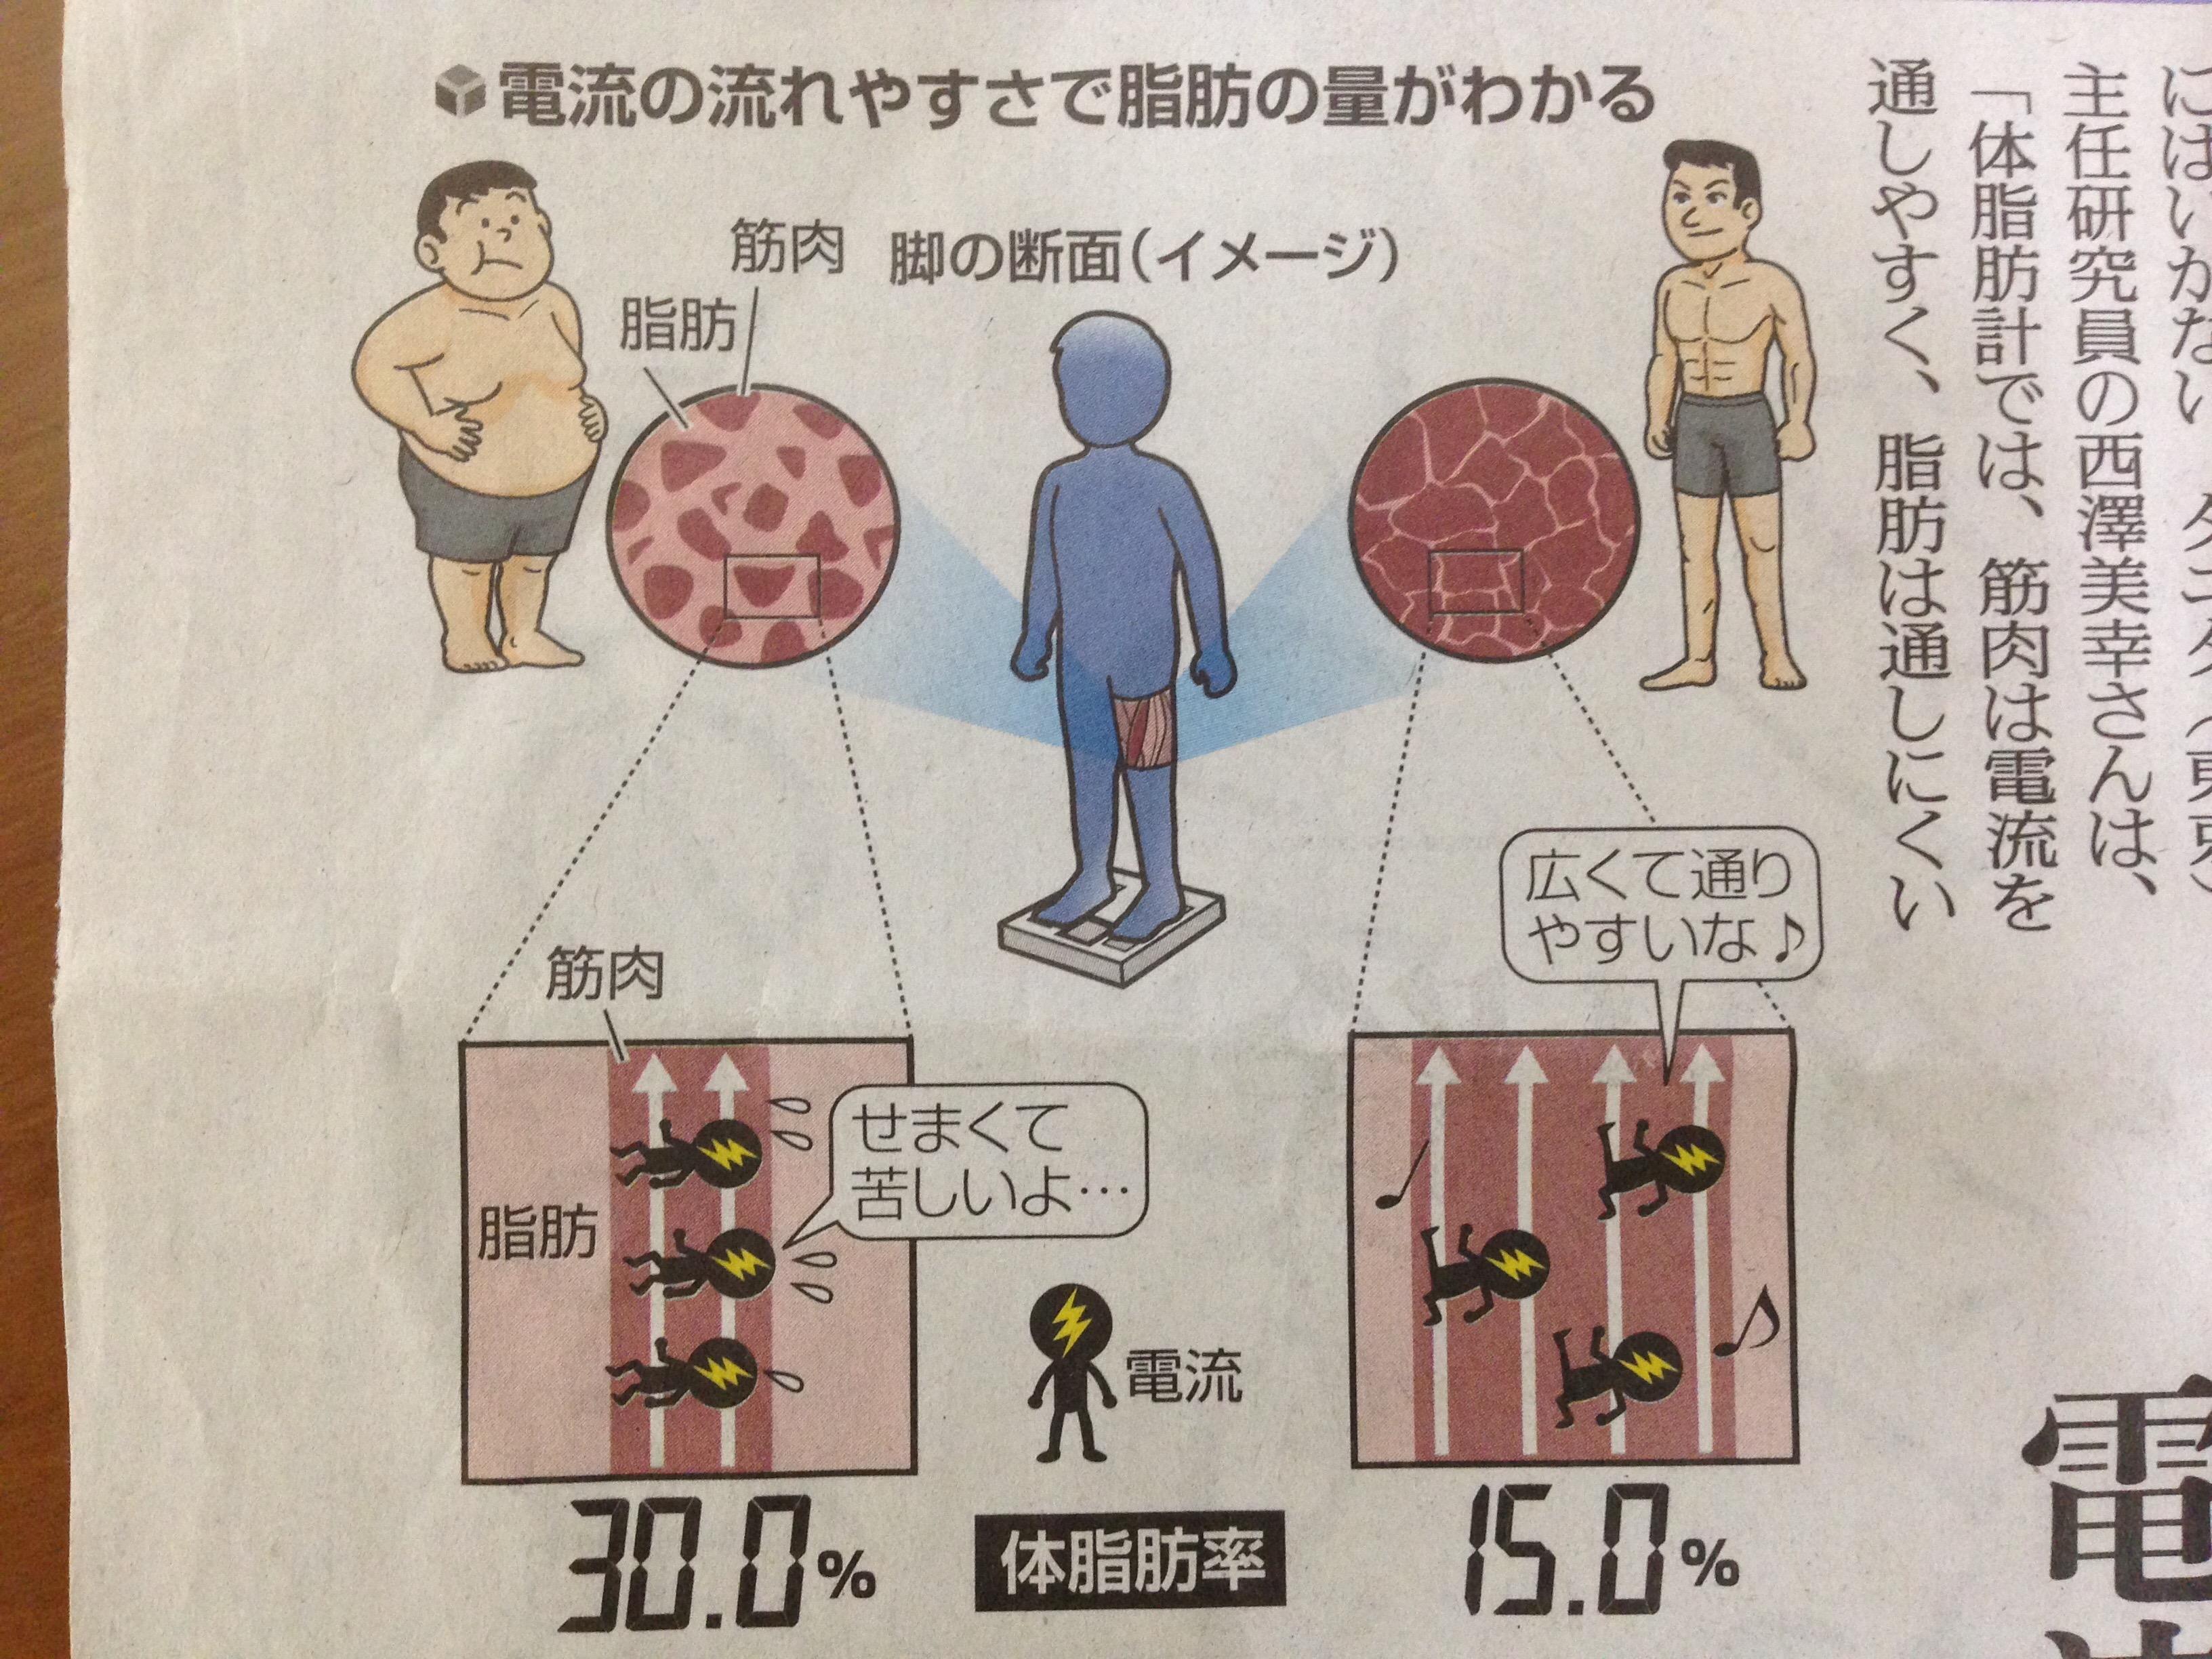 体脂肪率の仕組み。